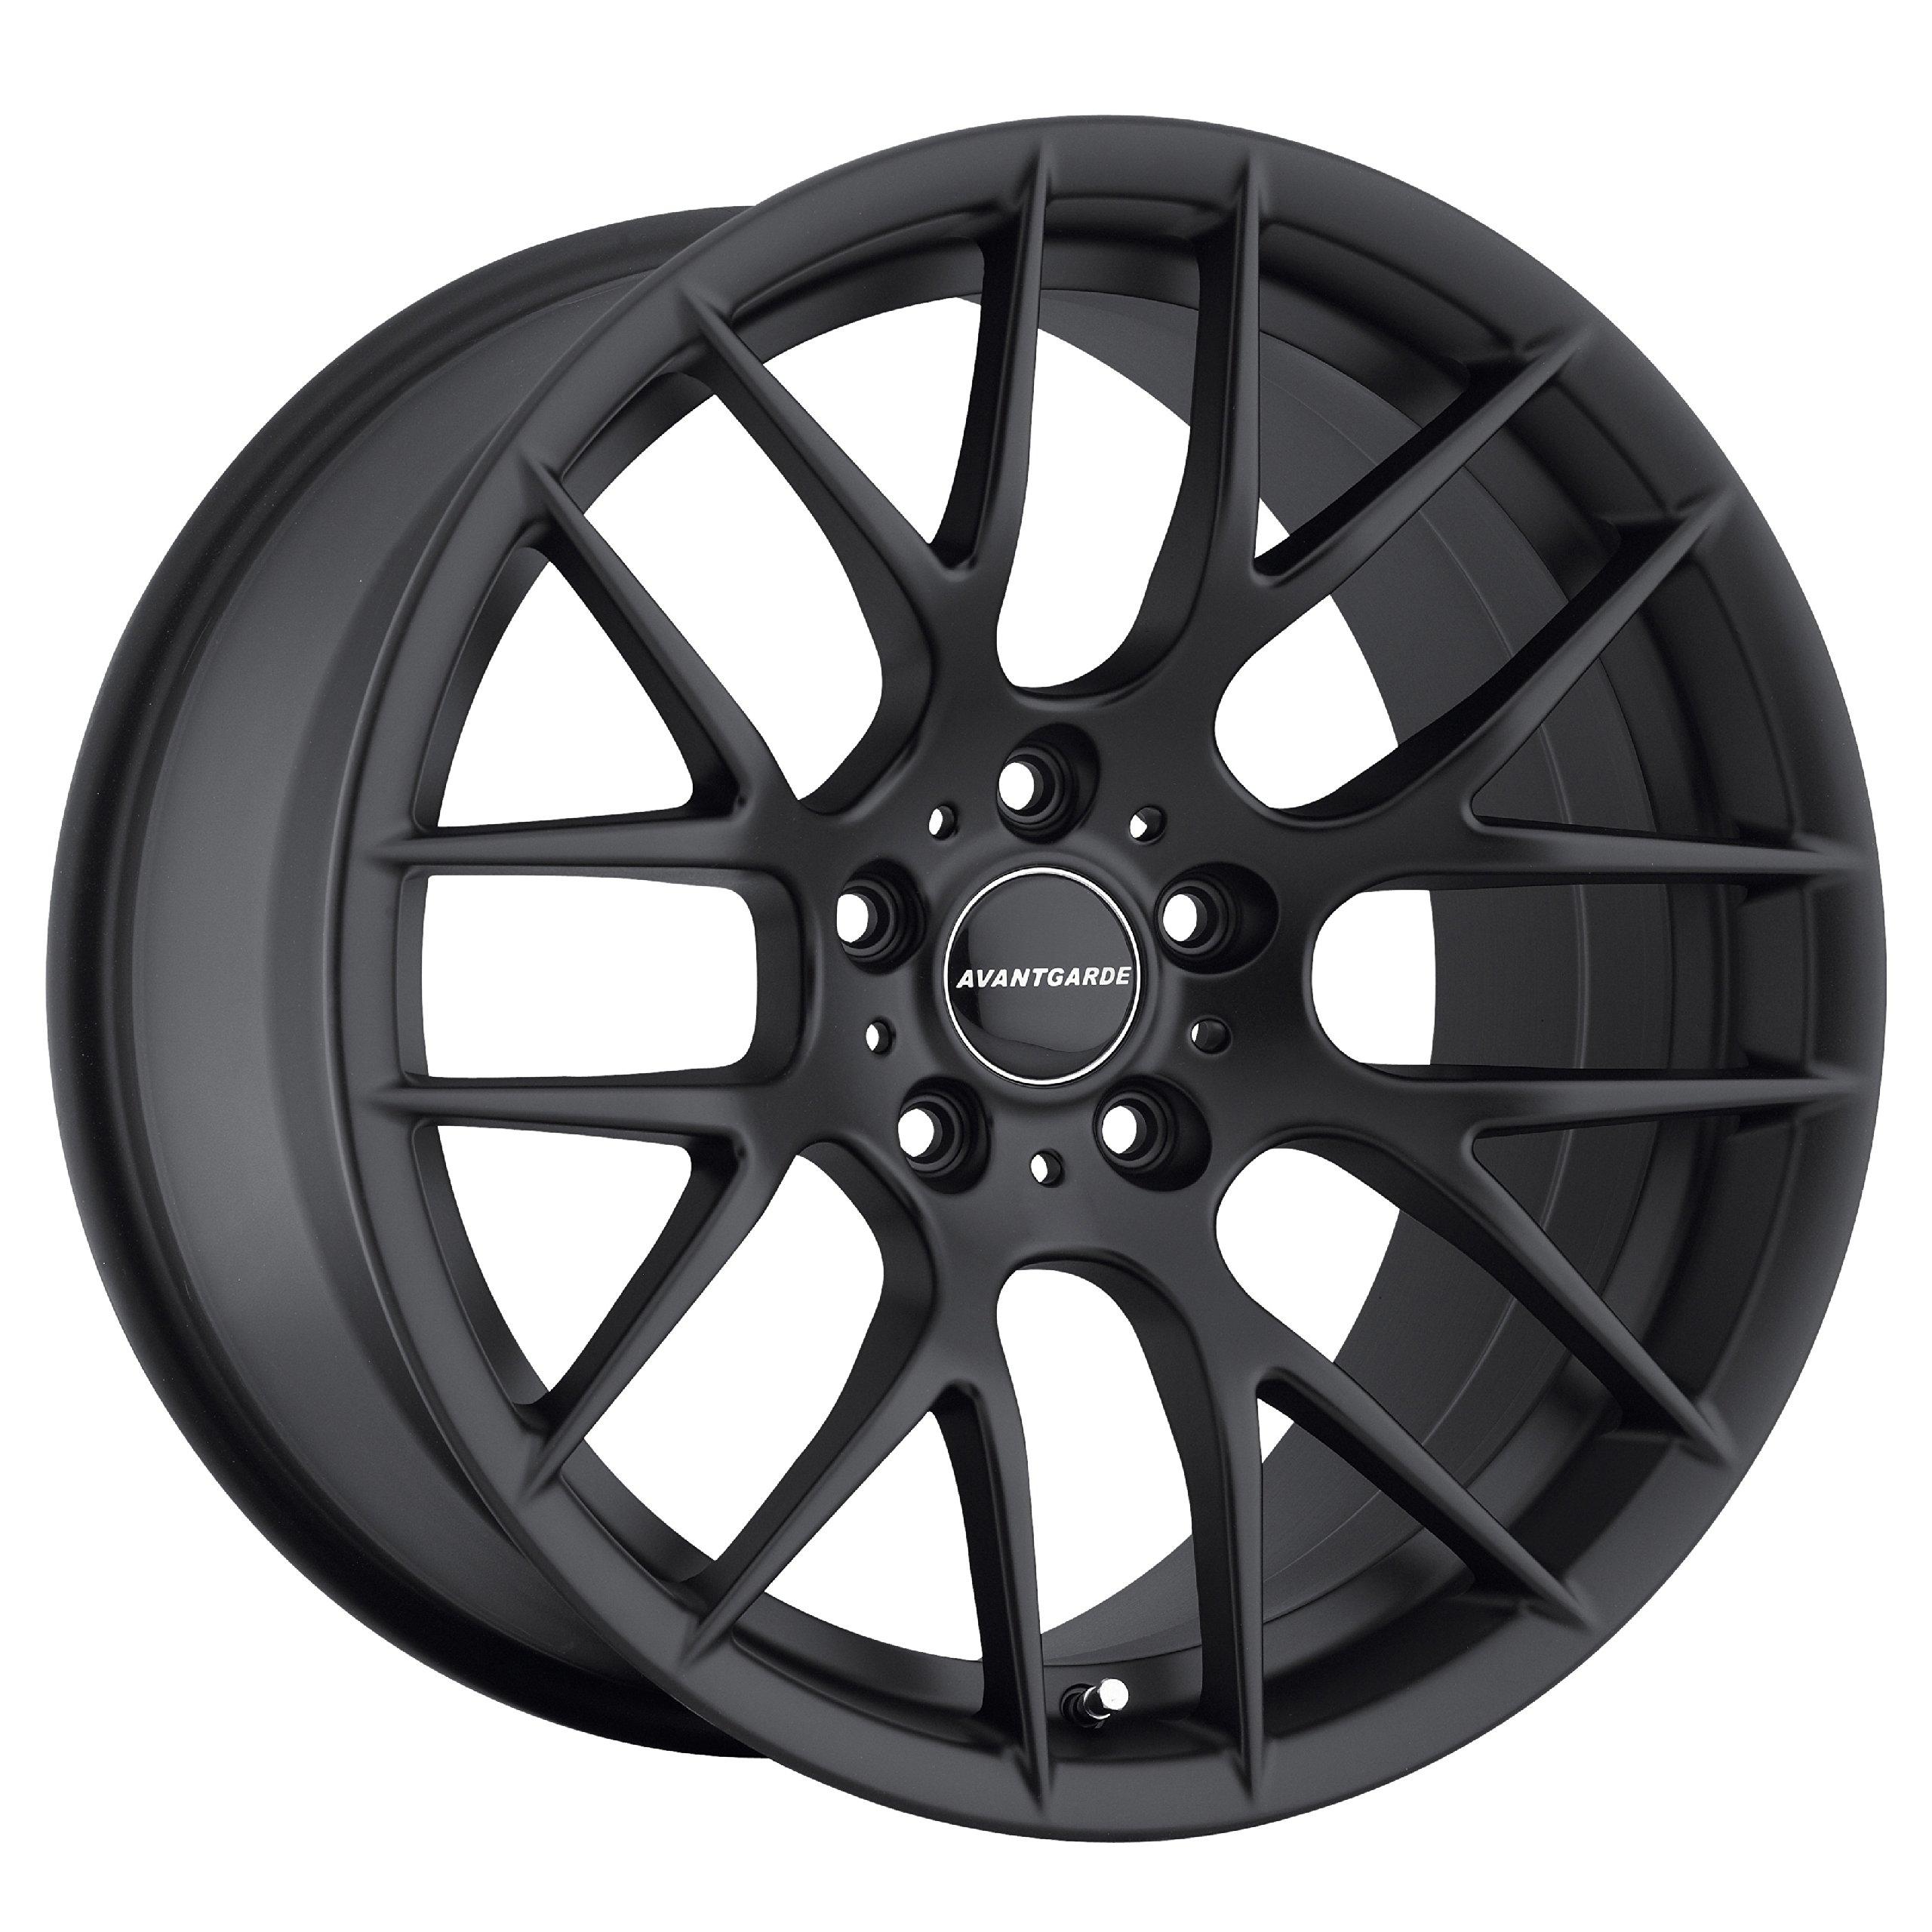 Avant Garde M359 Matte Black Size 19x9 Bolt Pattern 5x120 M359-MB520199018